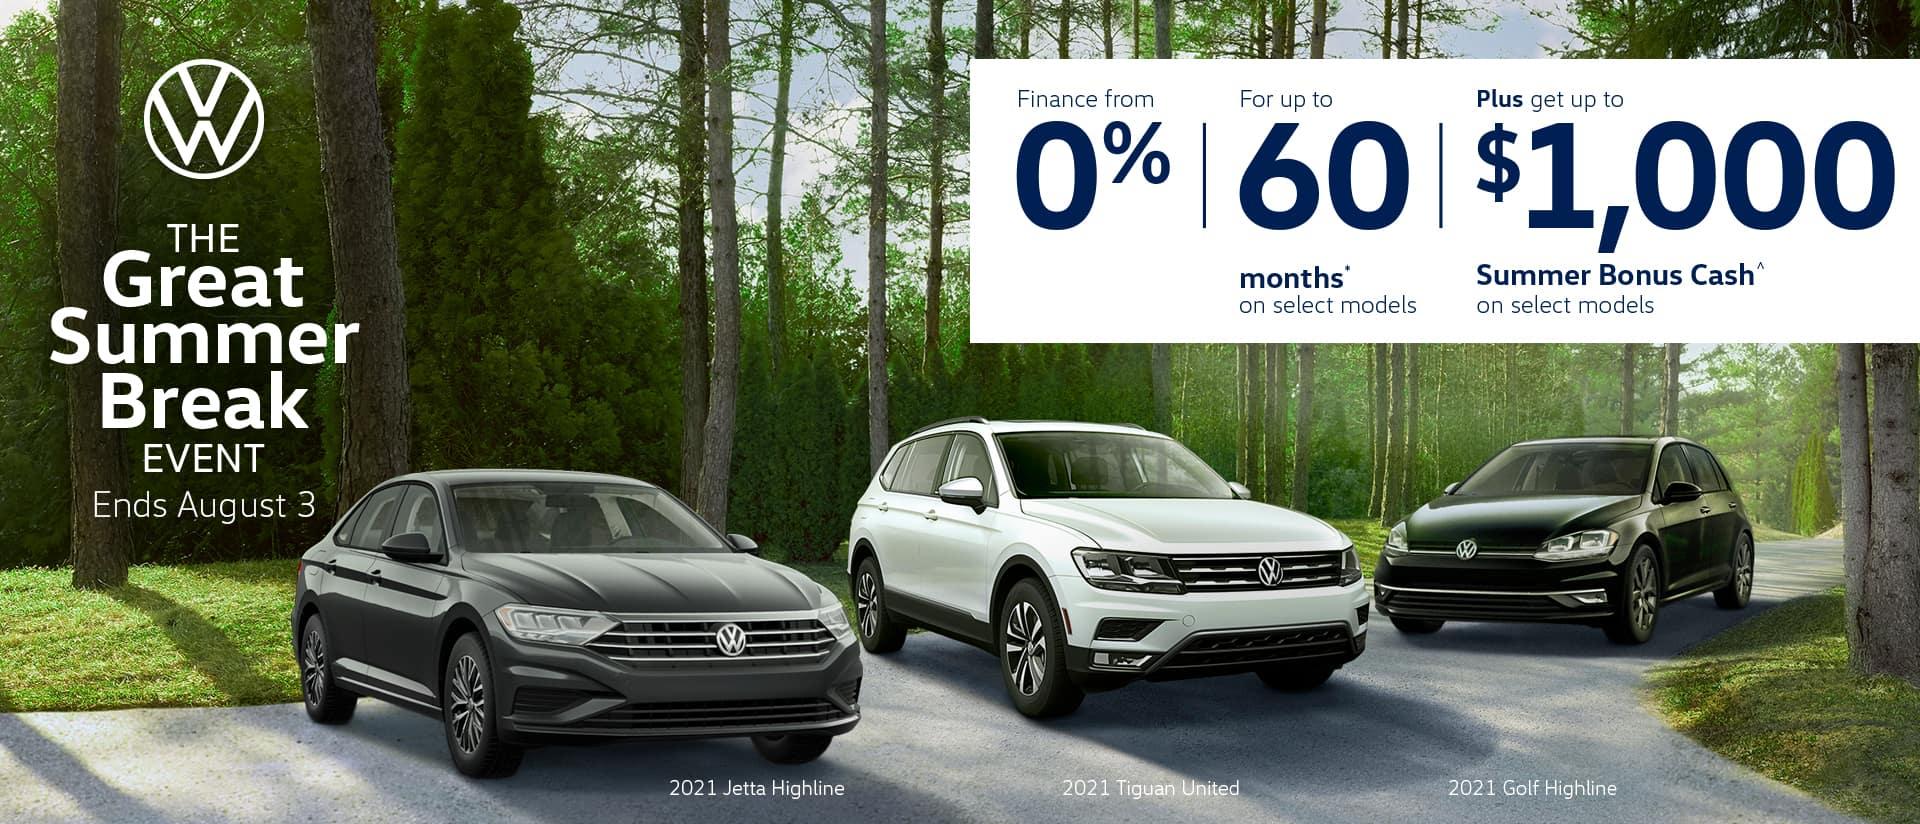 Volkswagen Great Summer Break Sale desktop banner